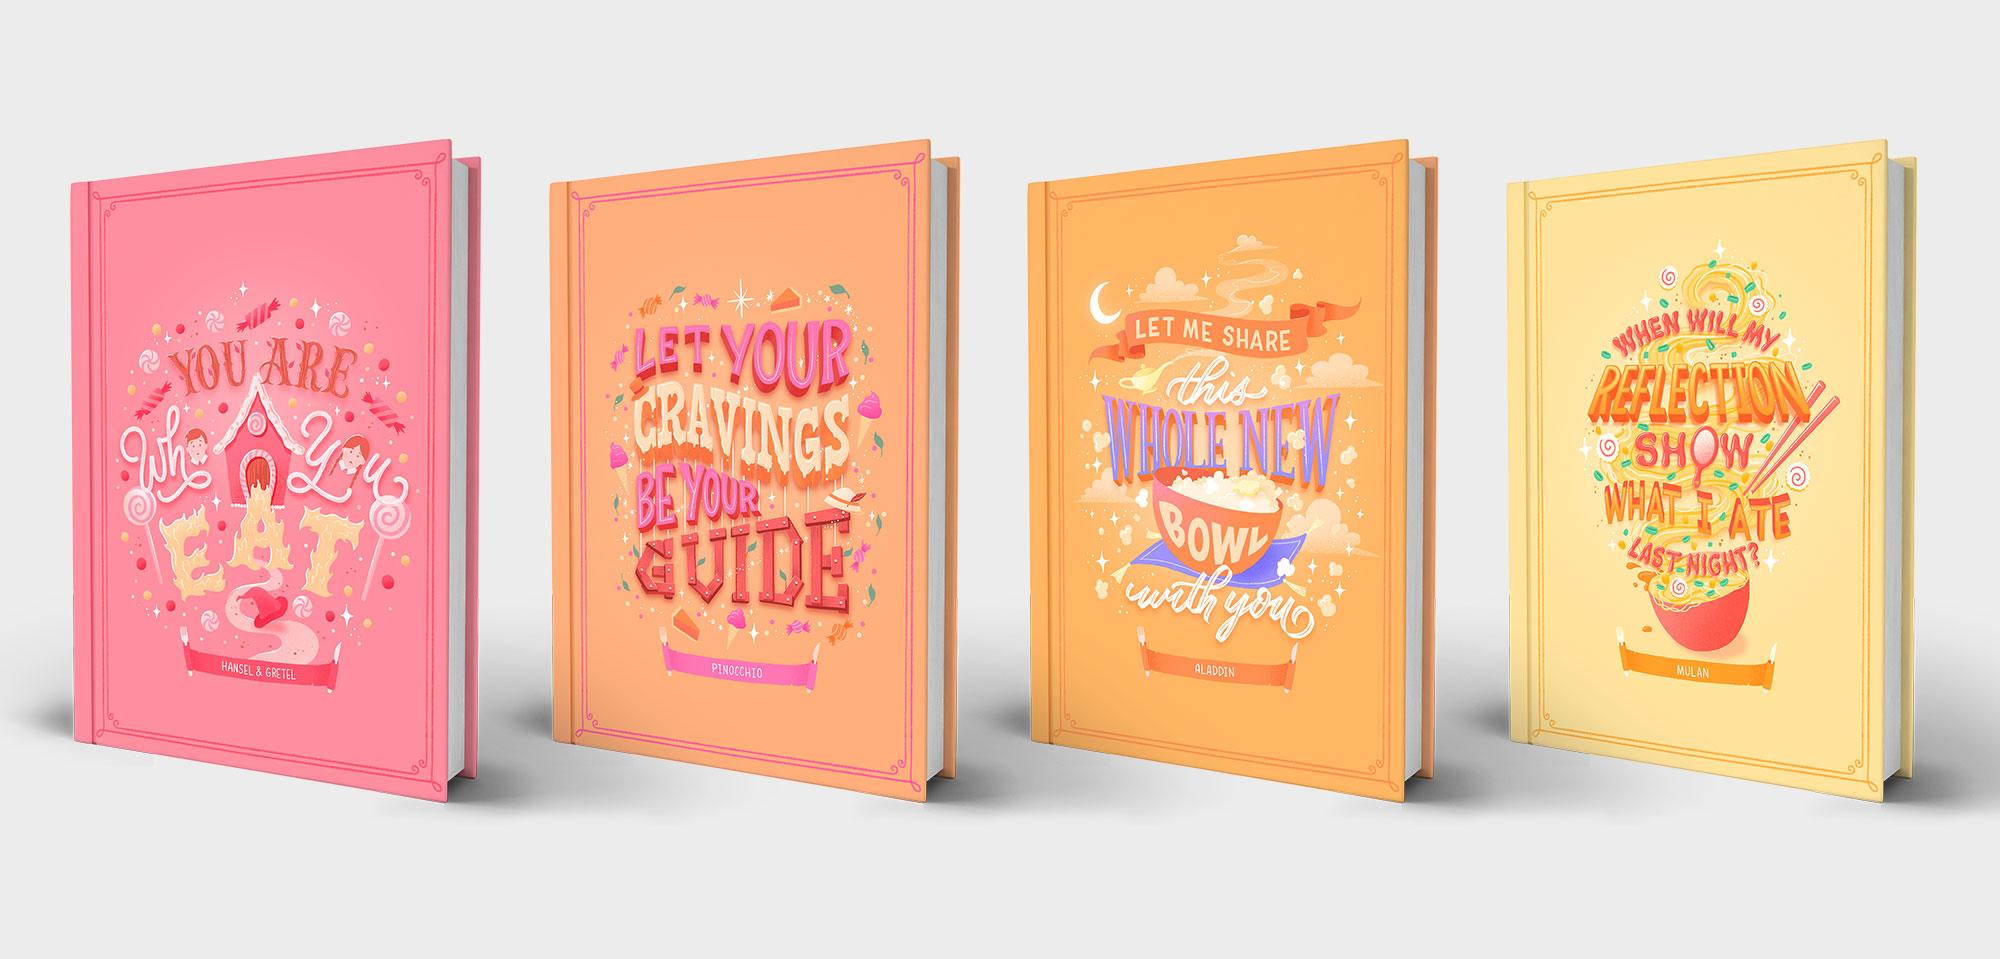 belinda-kou-book-cover-art-2